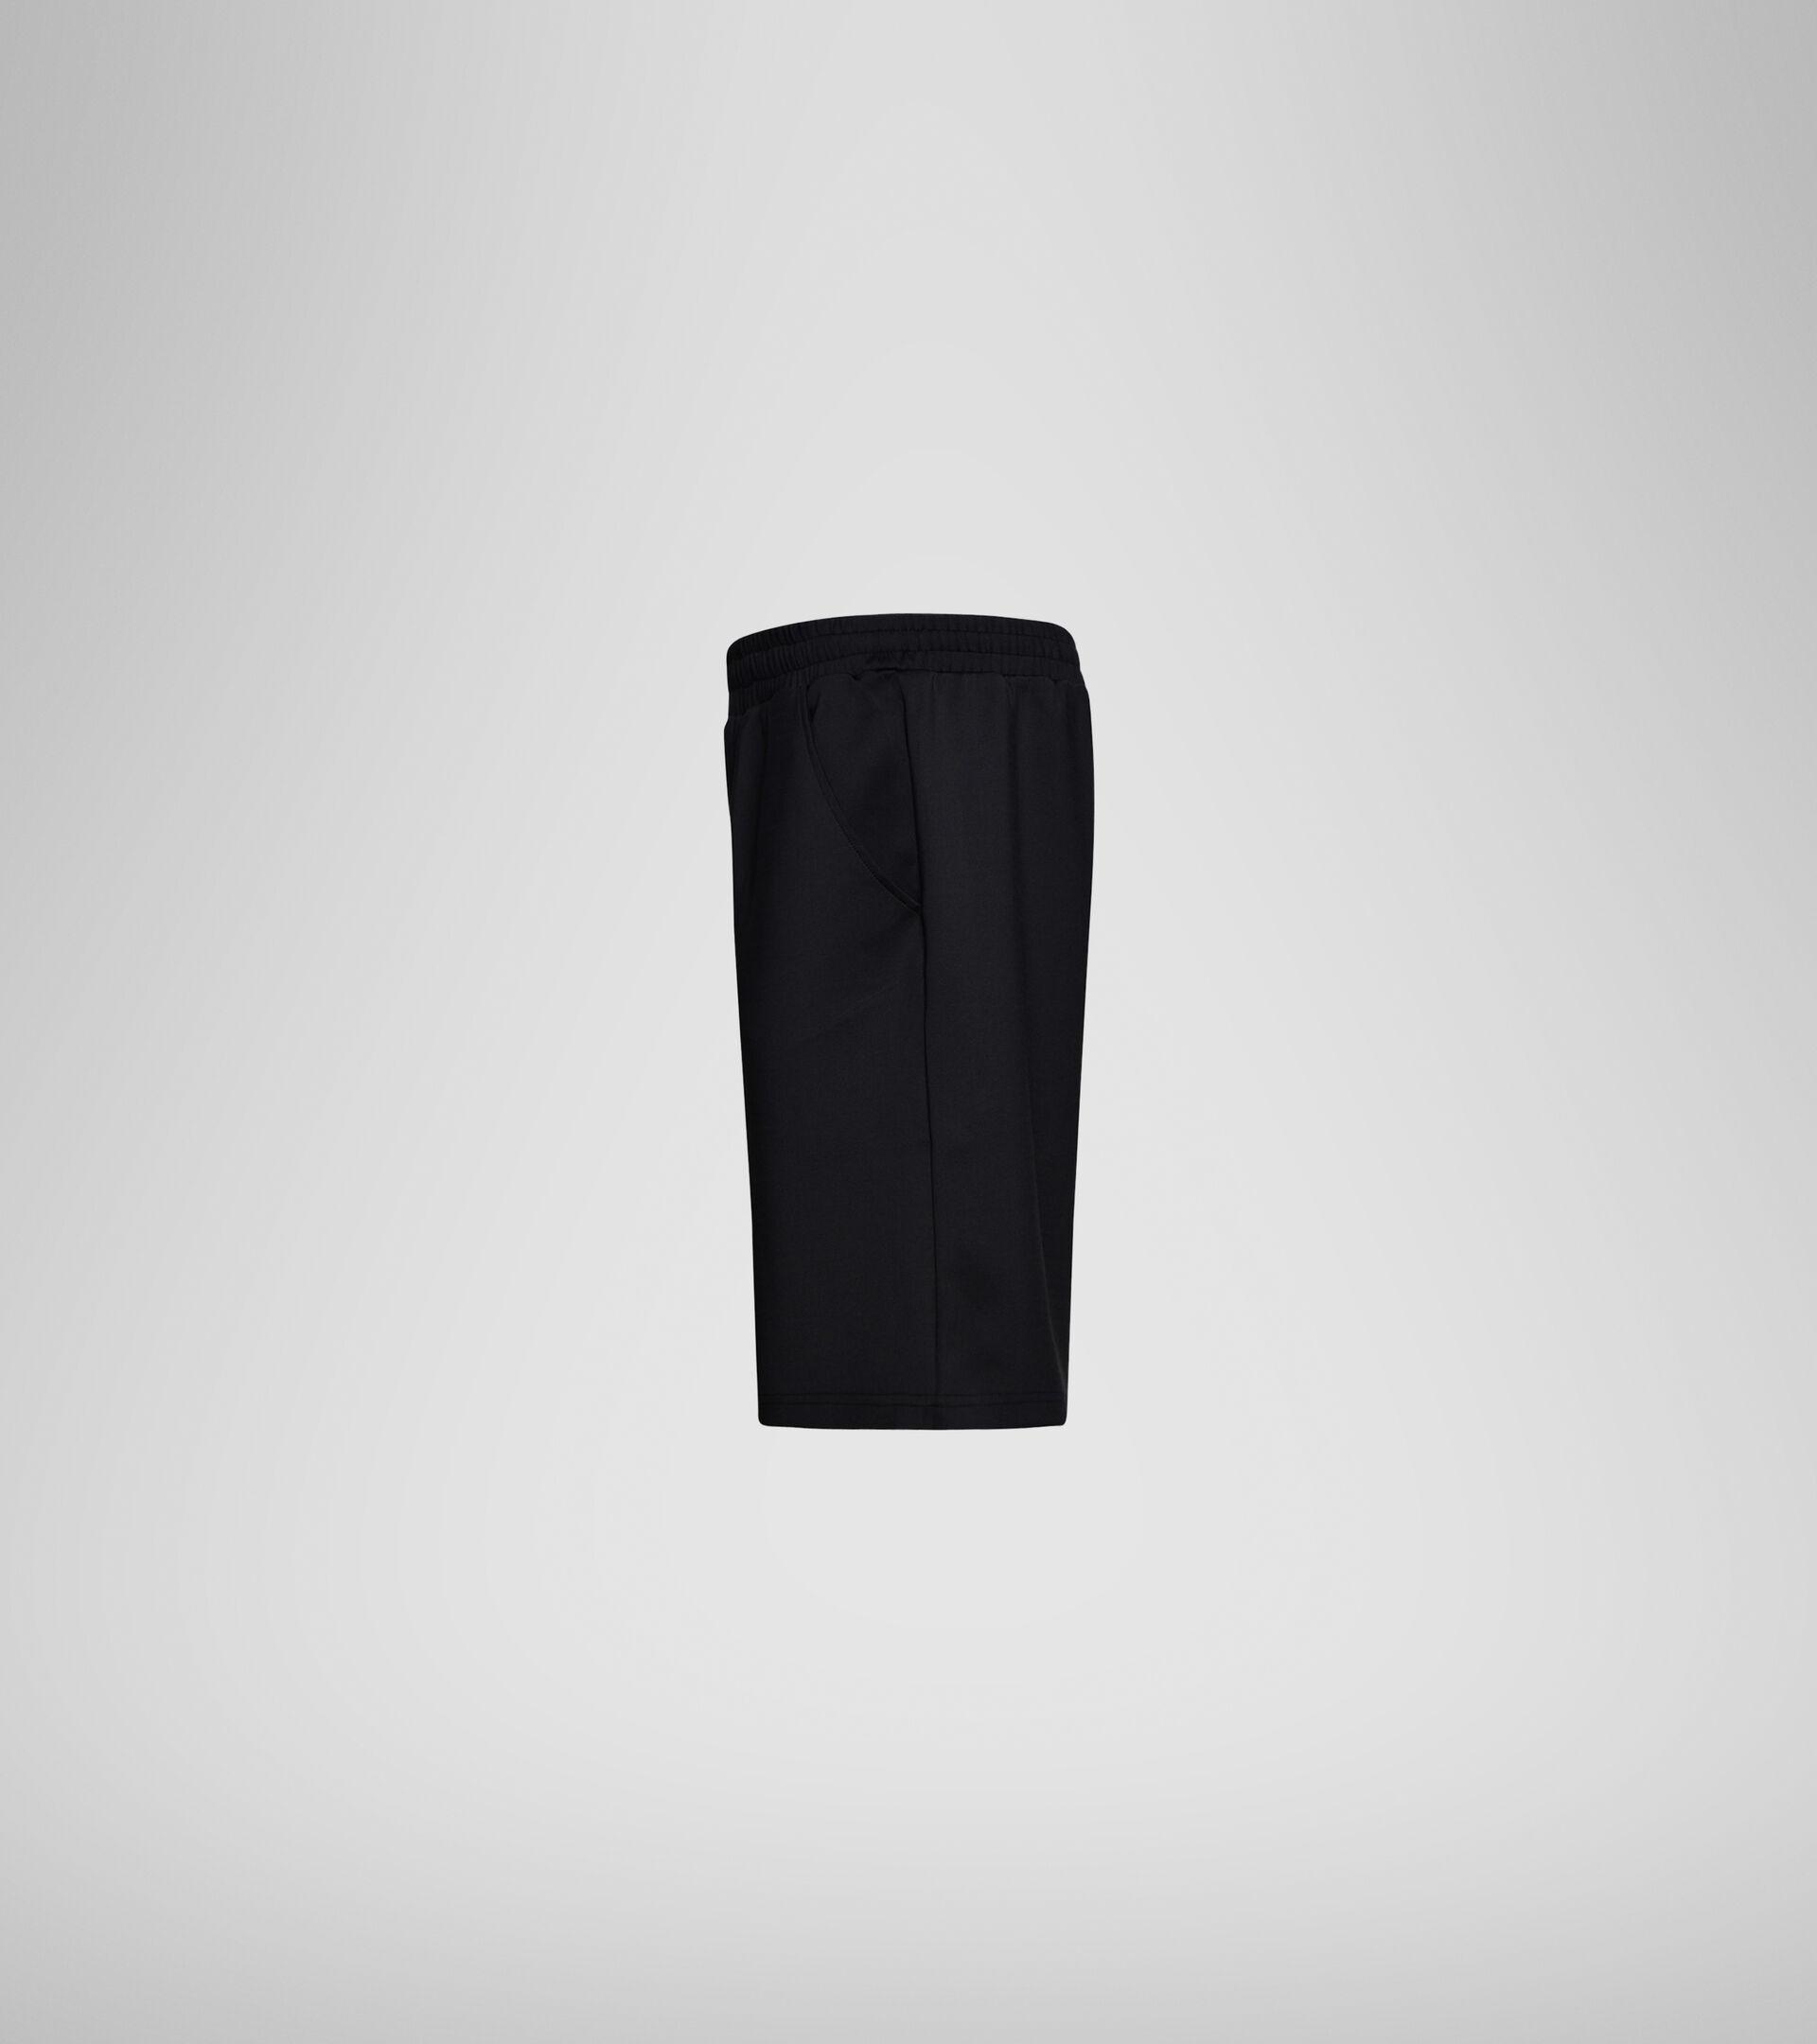 Bermuda sportswear - Hombre BERMUDA URBANITY NEGRO - Diadora